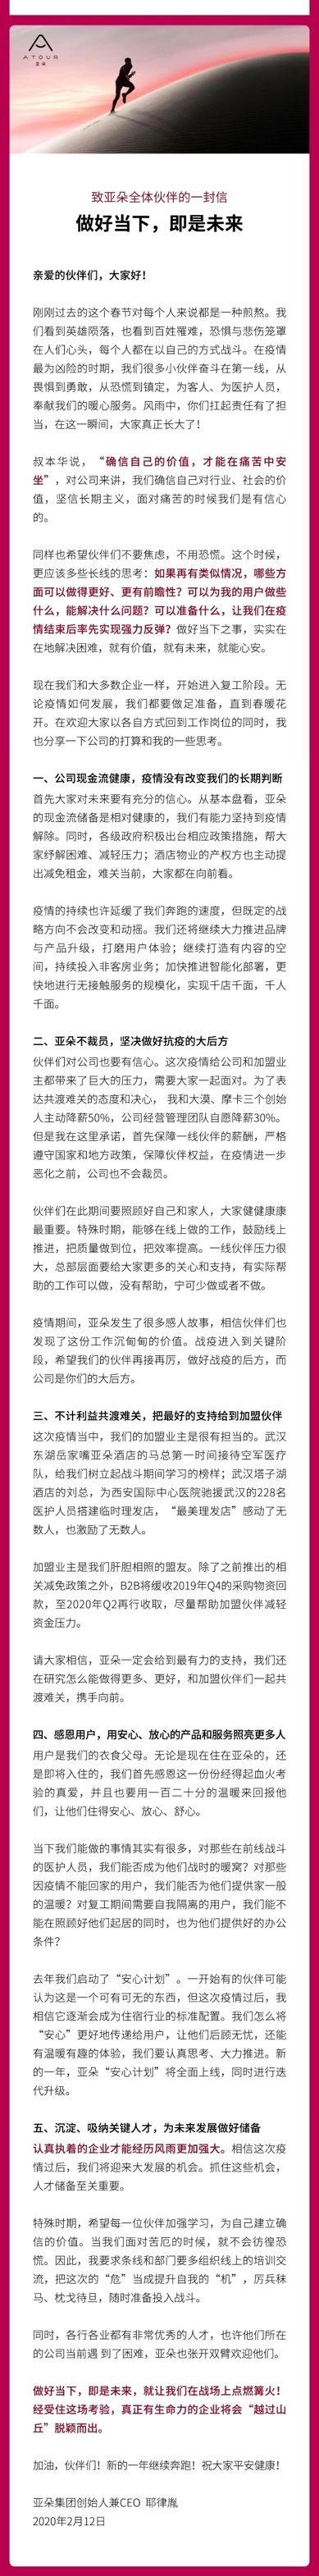 韩国检方搜查前法务部长曹国研究室或将对其传唤